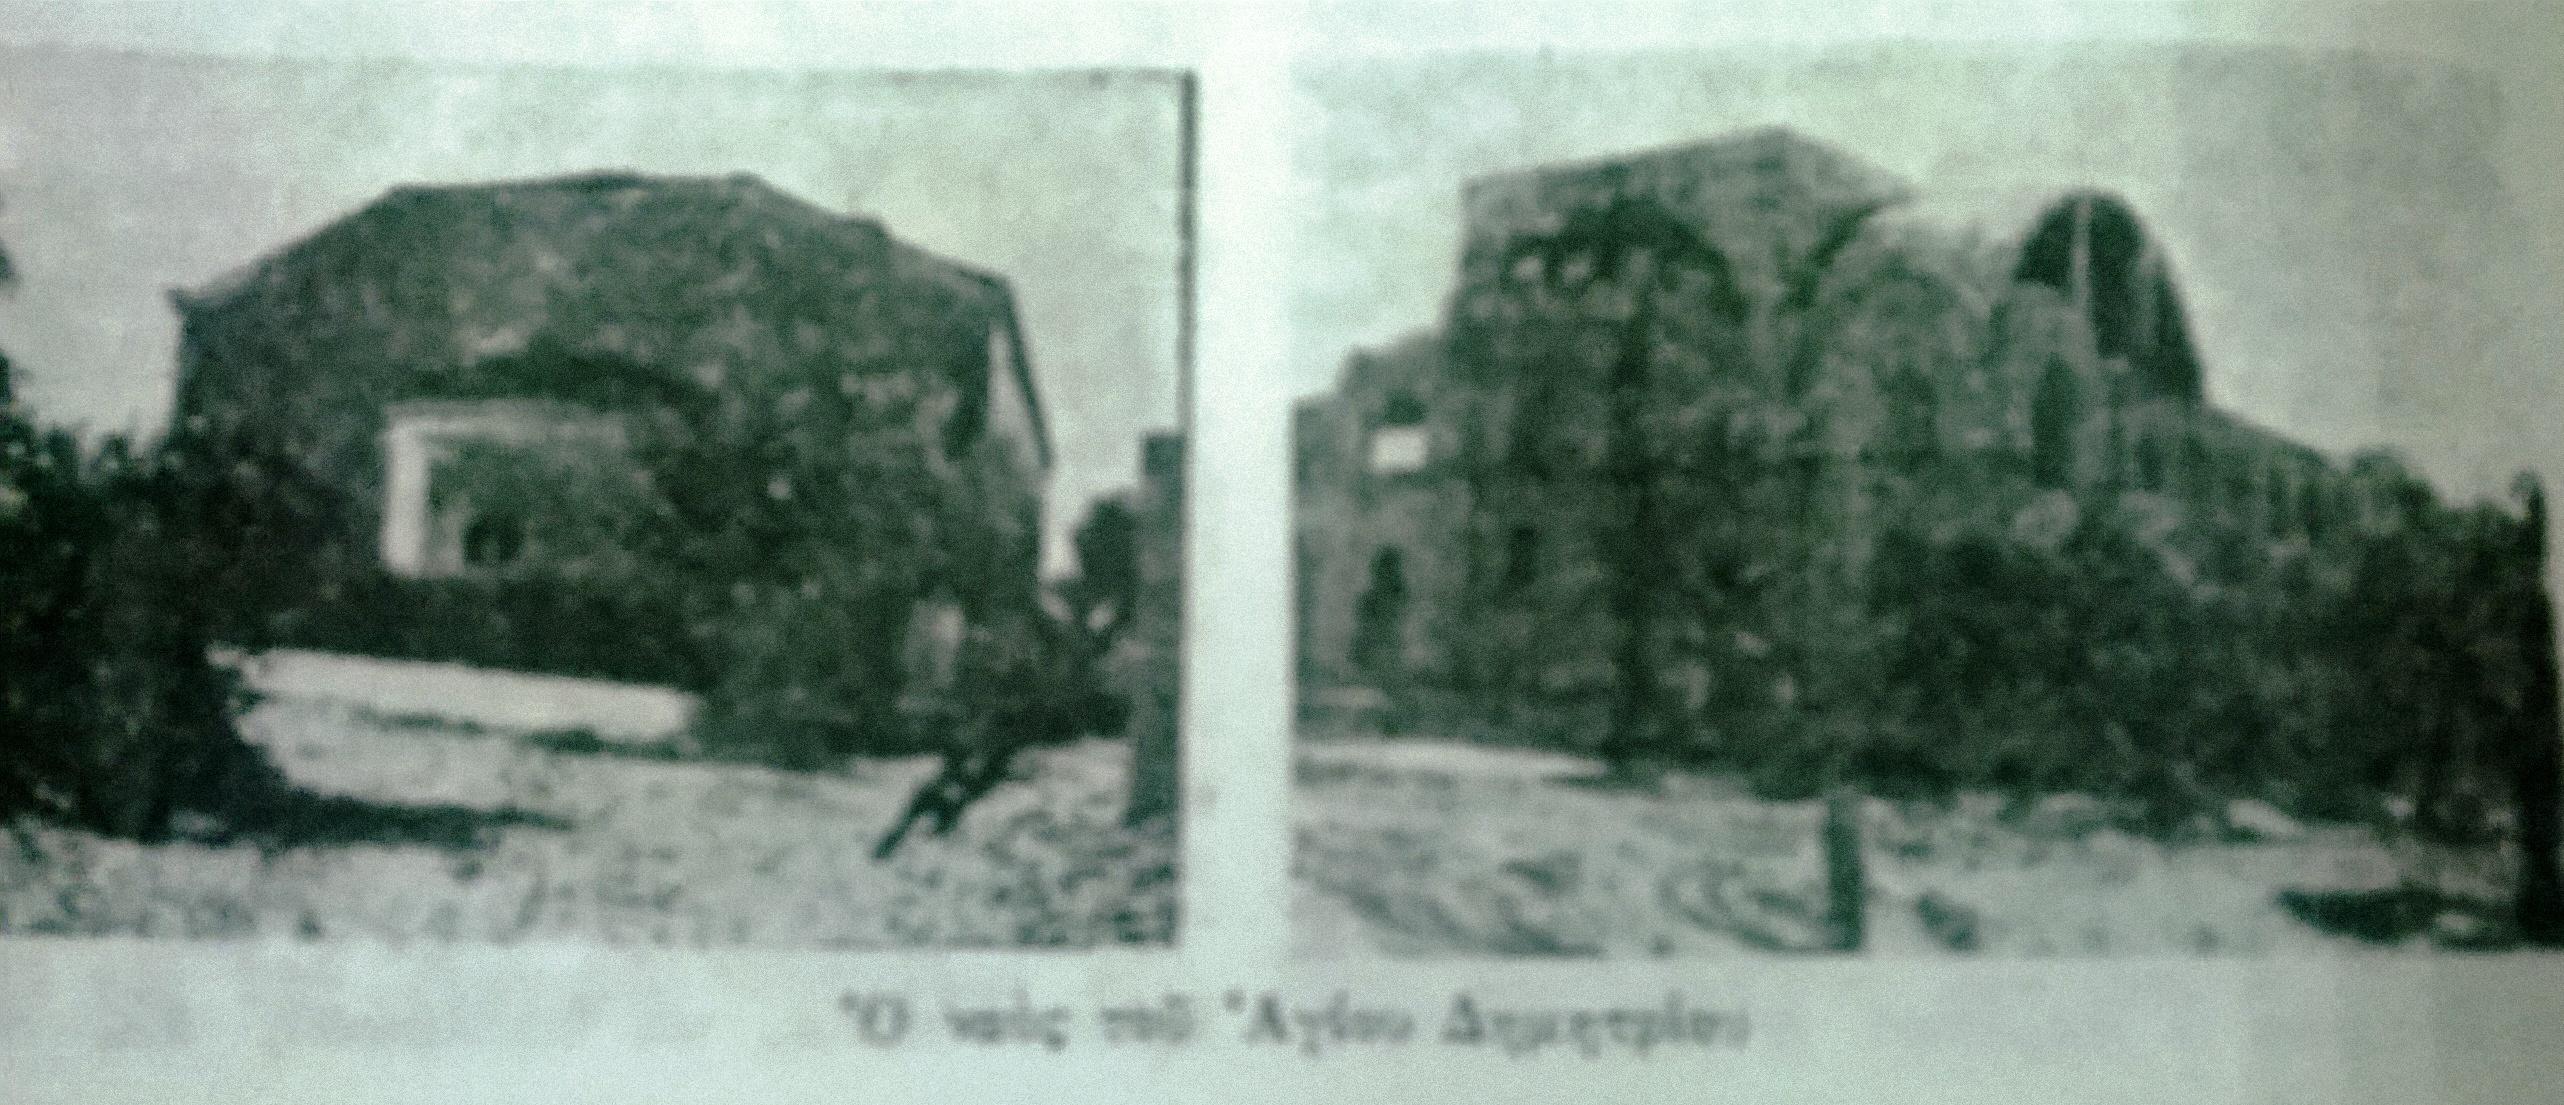 Ο ναός του Αγίου Δημητρίου κατά την ανέγερσή του